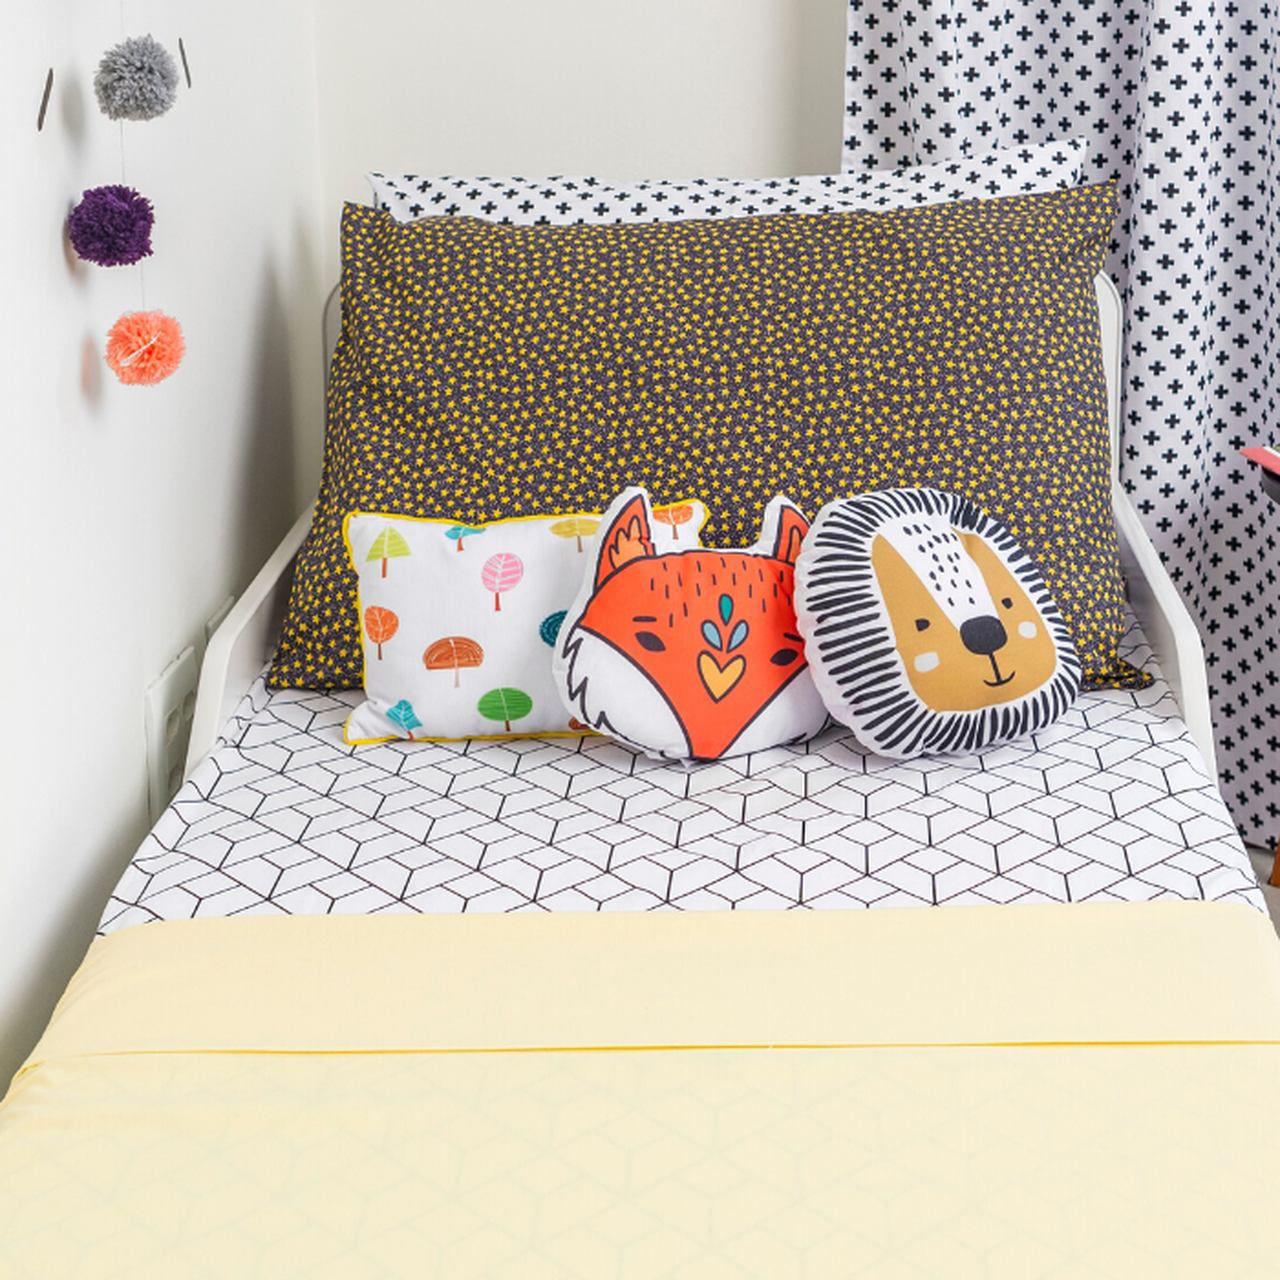 Lençol de cobrir berço 100% algodão, 105 x 145 cm cor Amarelo canário  - Pomelo Decor